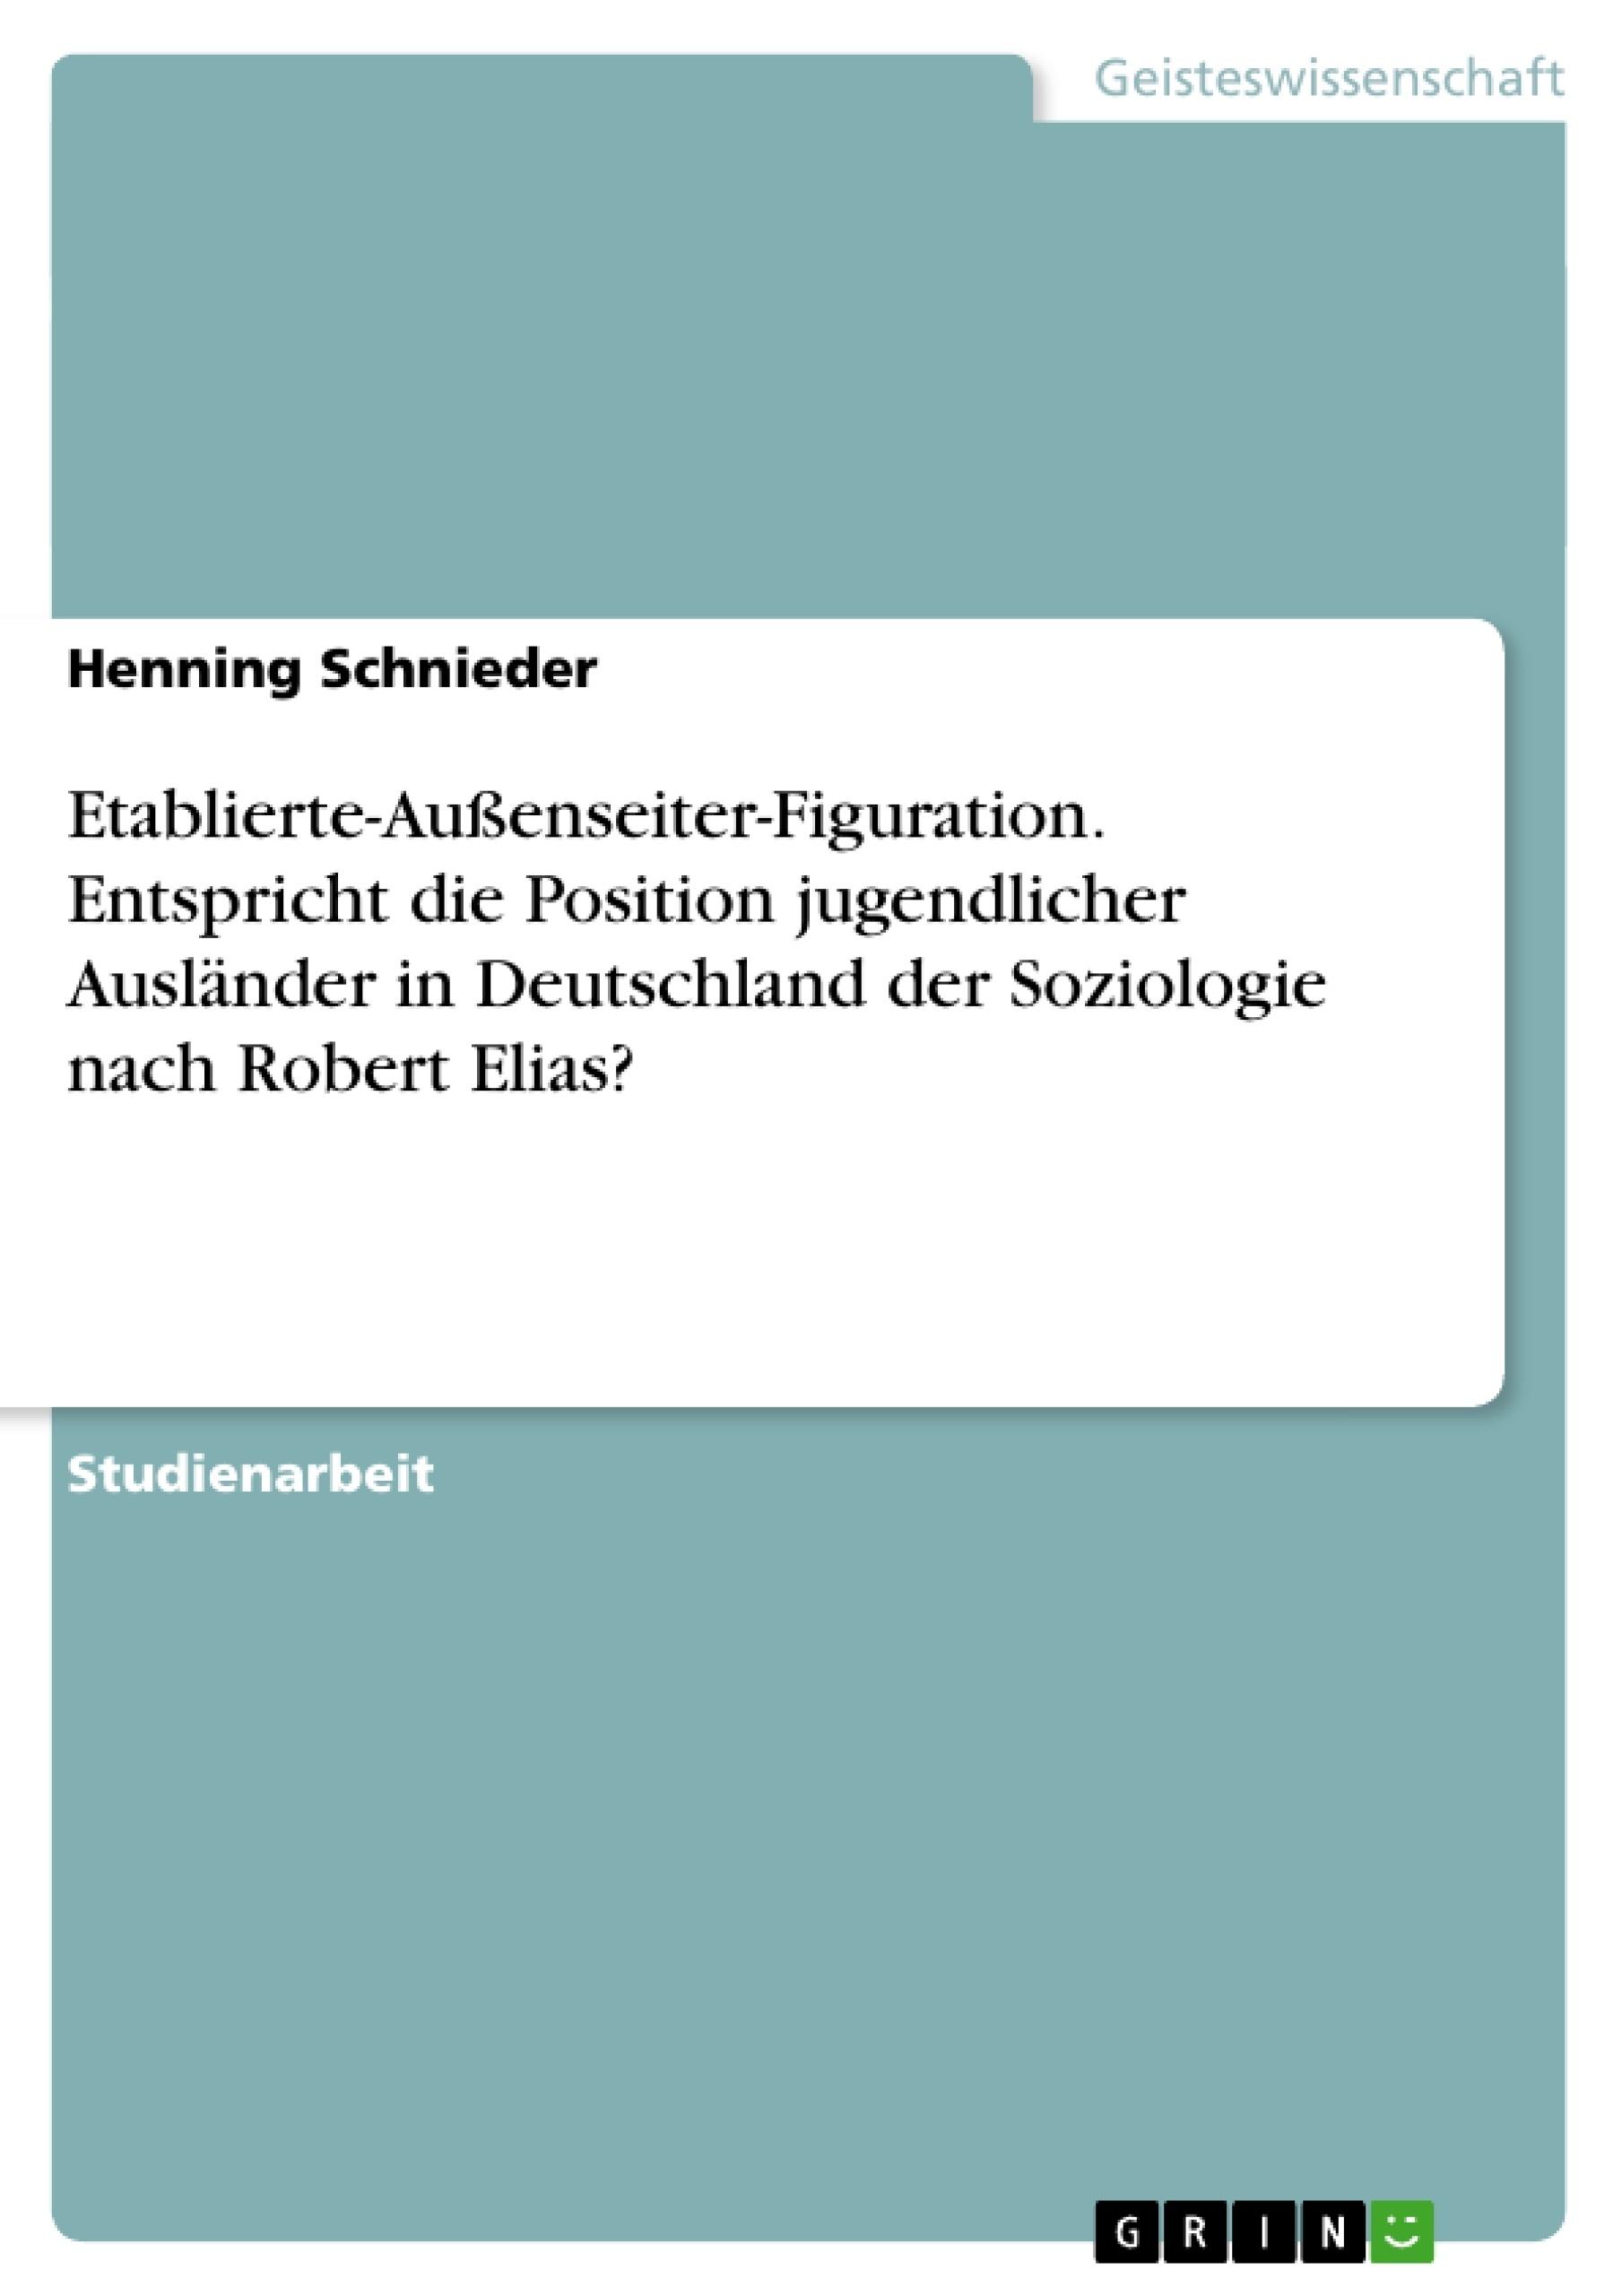 Titel: Etablierte-Außenseiter-Figuration. Entspricht die Position jugendlicher Ausländer in Deutschland der Soziologie nach Robert Elias?